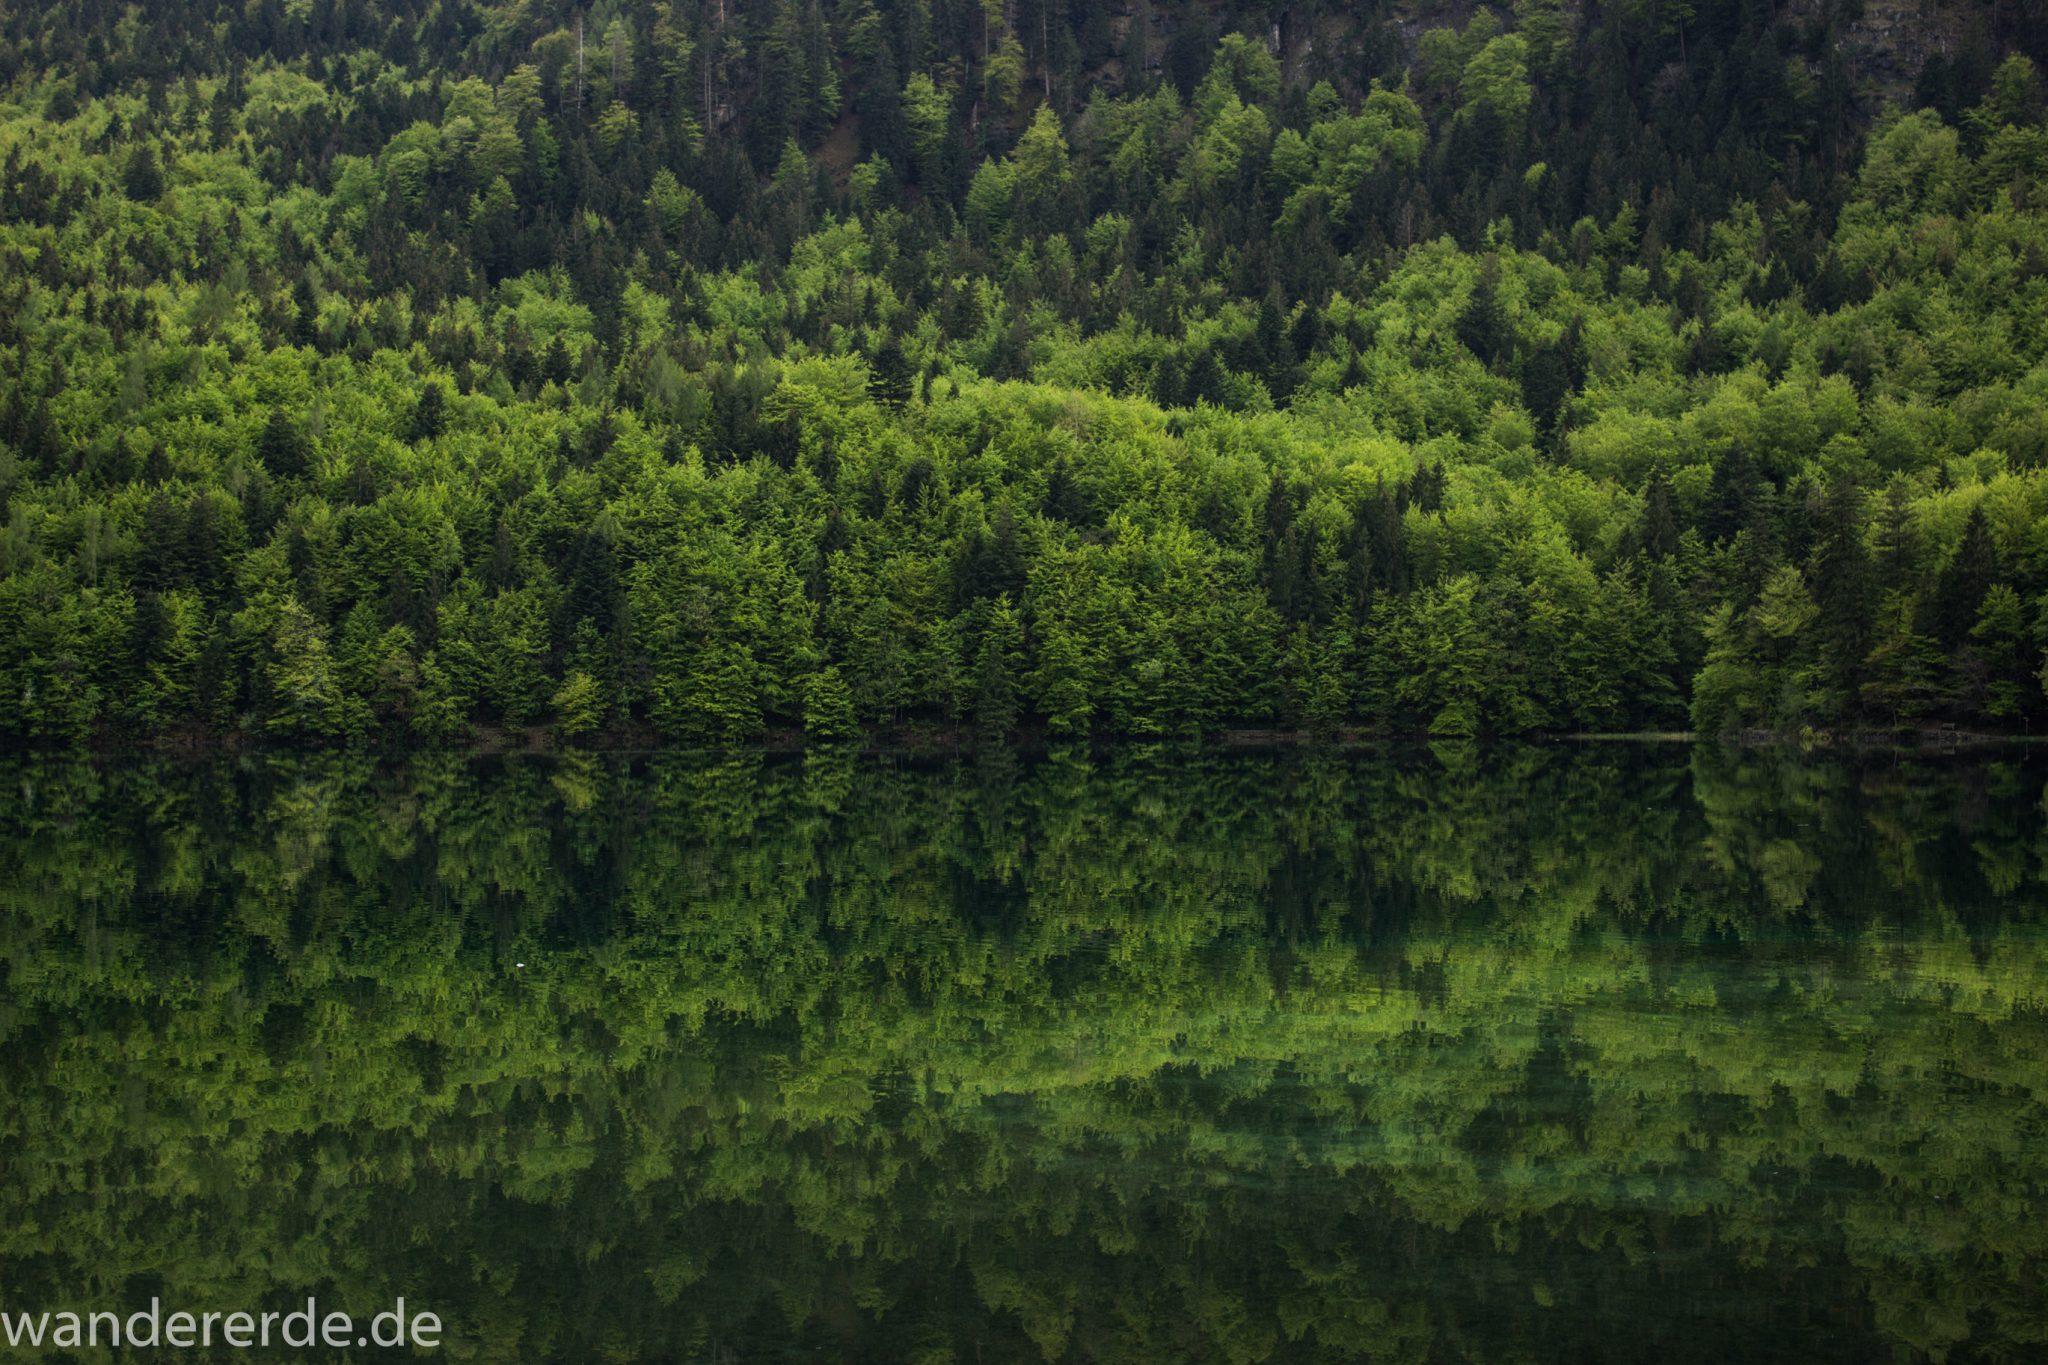 Alpsee bei Hohenschwangau, in der Nähe von Schloss Neuschwanstein, Aussicht auf Alpsee mit grünem Wald ringsrum, Laubbaum, Nadelbaum, Umgebung spiegelt sich im See, Rundwanderweg um den Alpsee